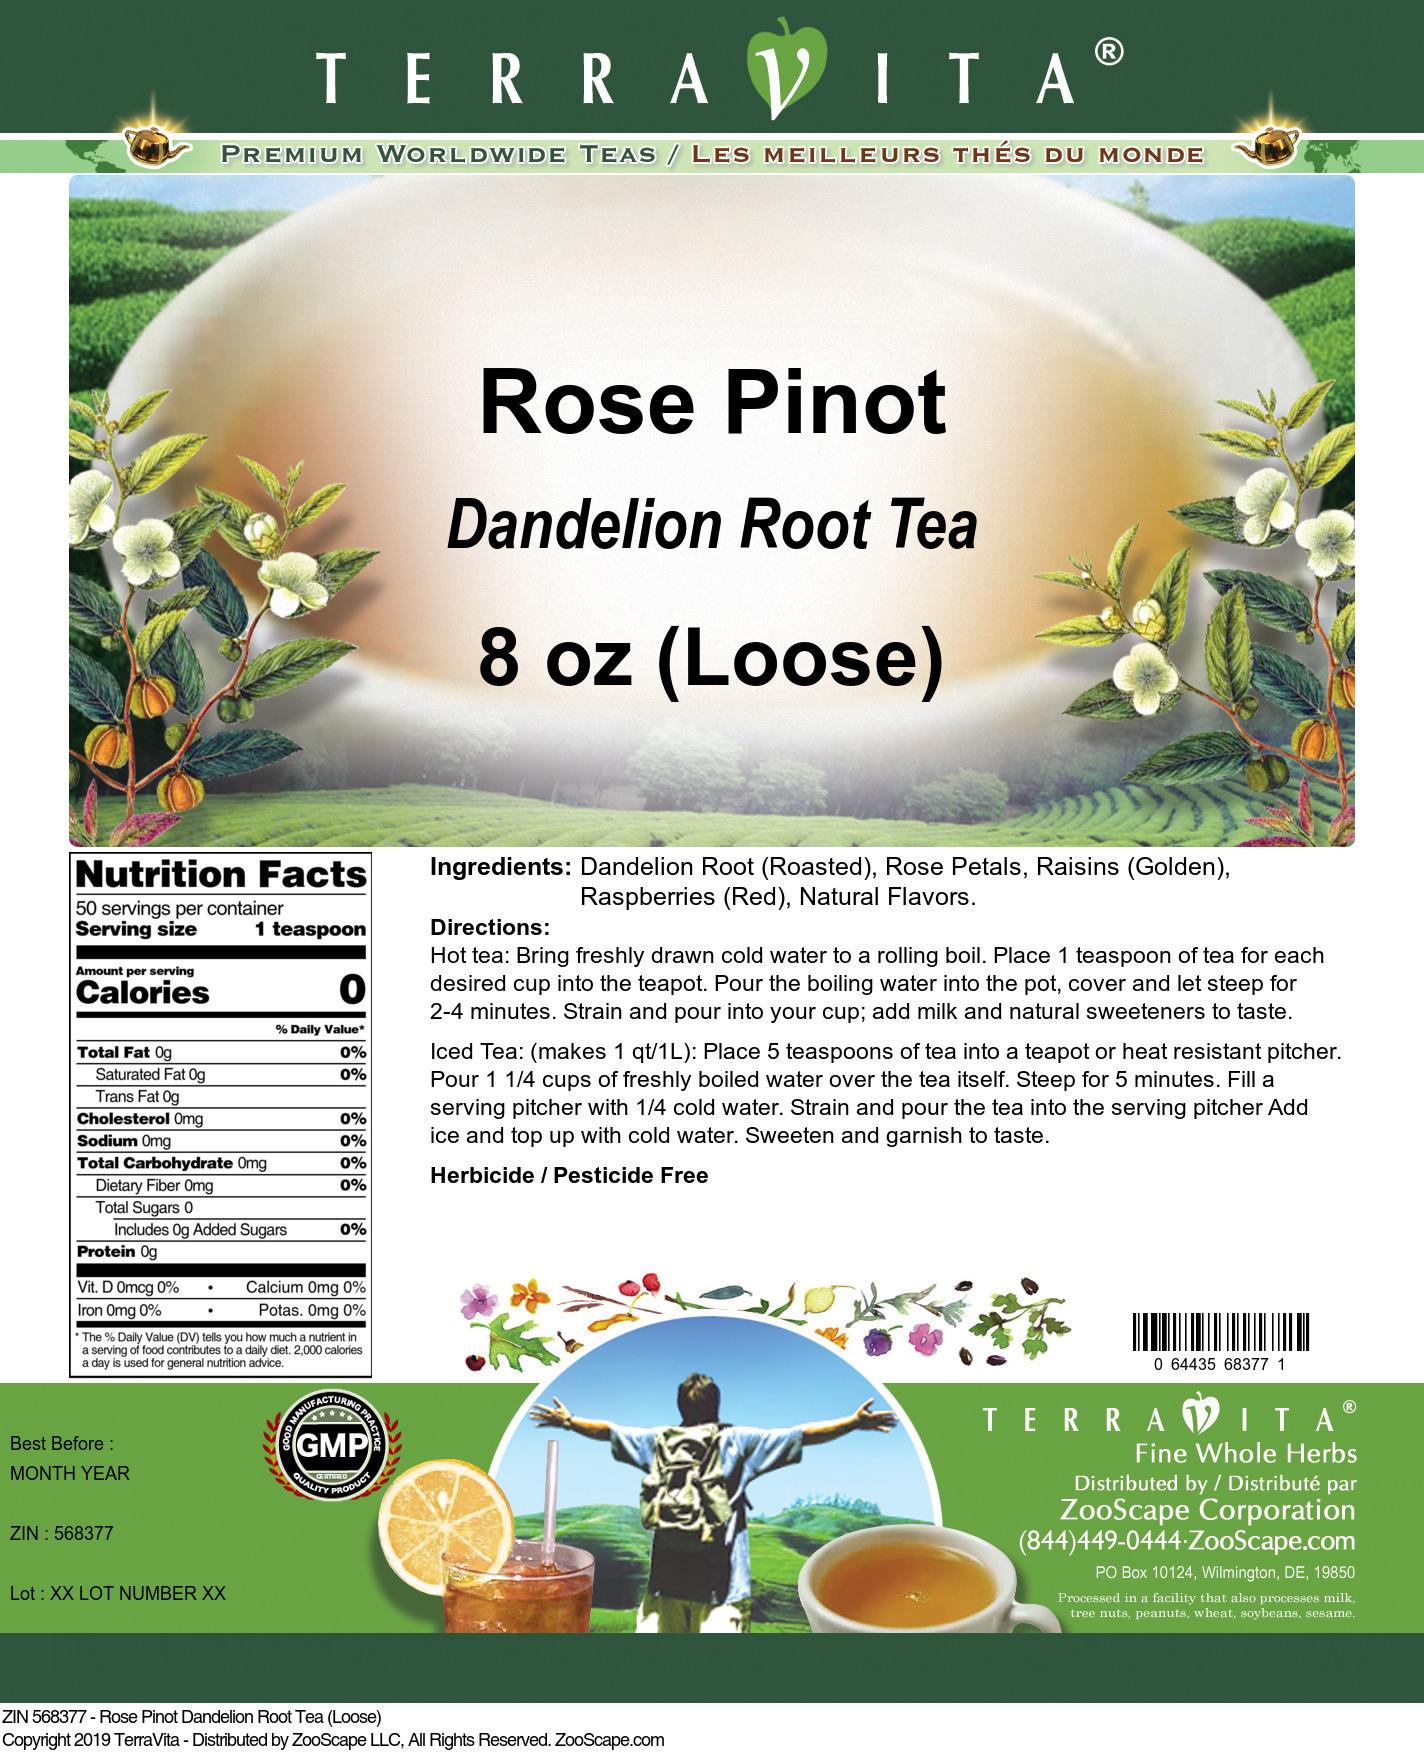 Rose Pinot Dandelion Root Tea (Loose)